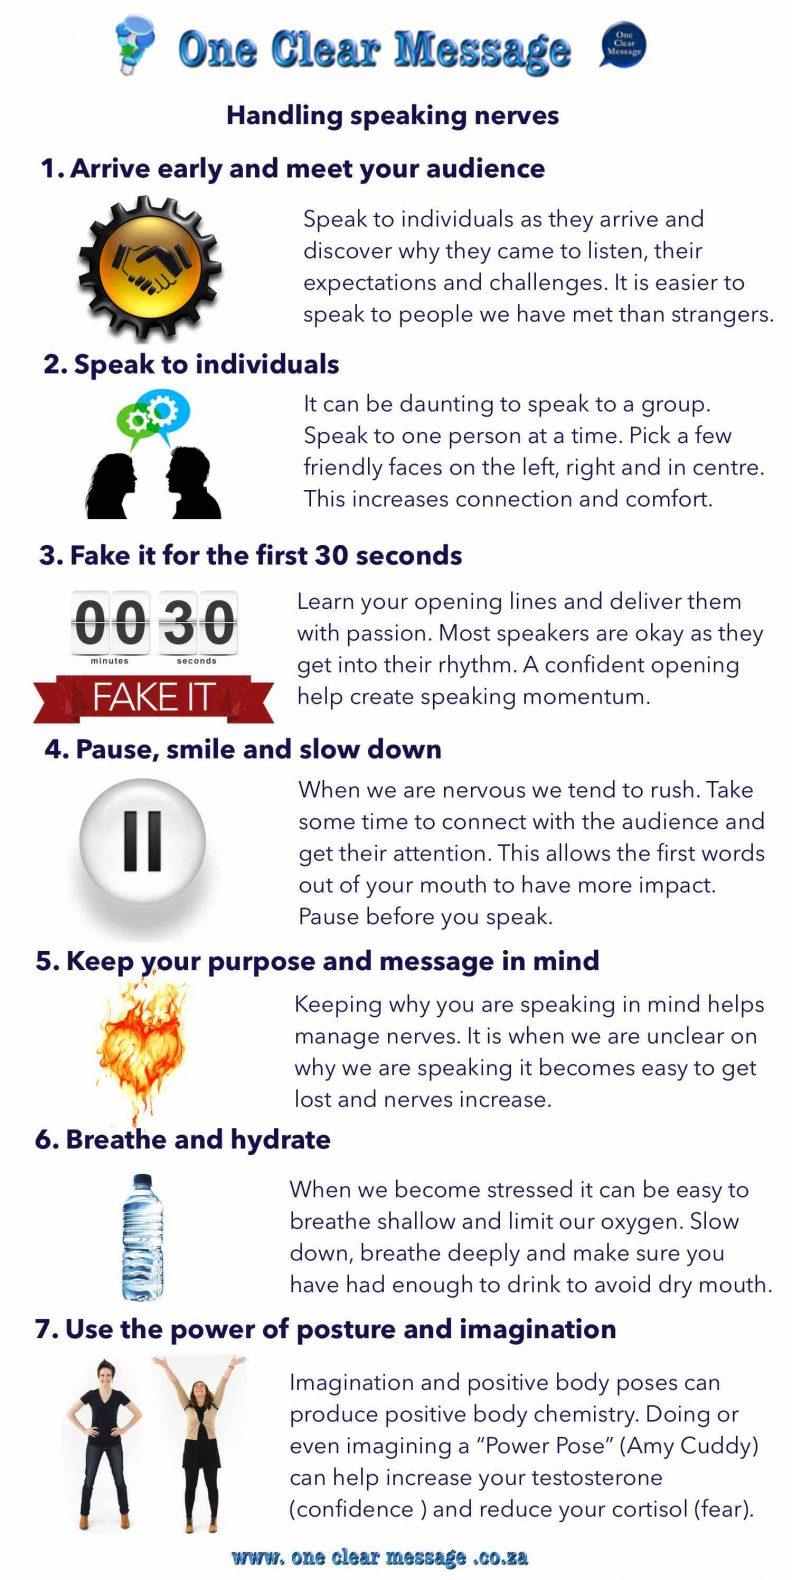 Handling speaking nerves Infographic